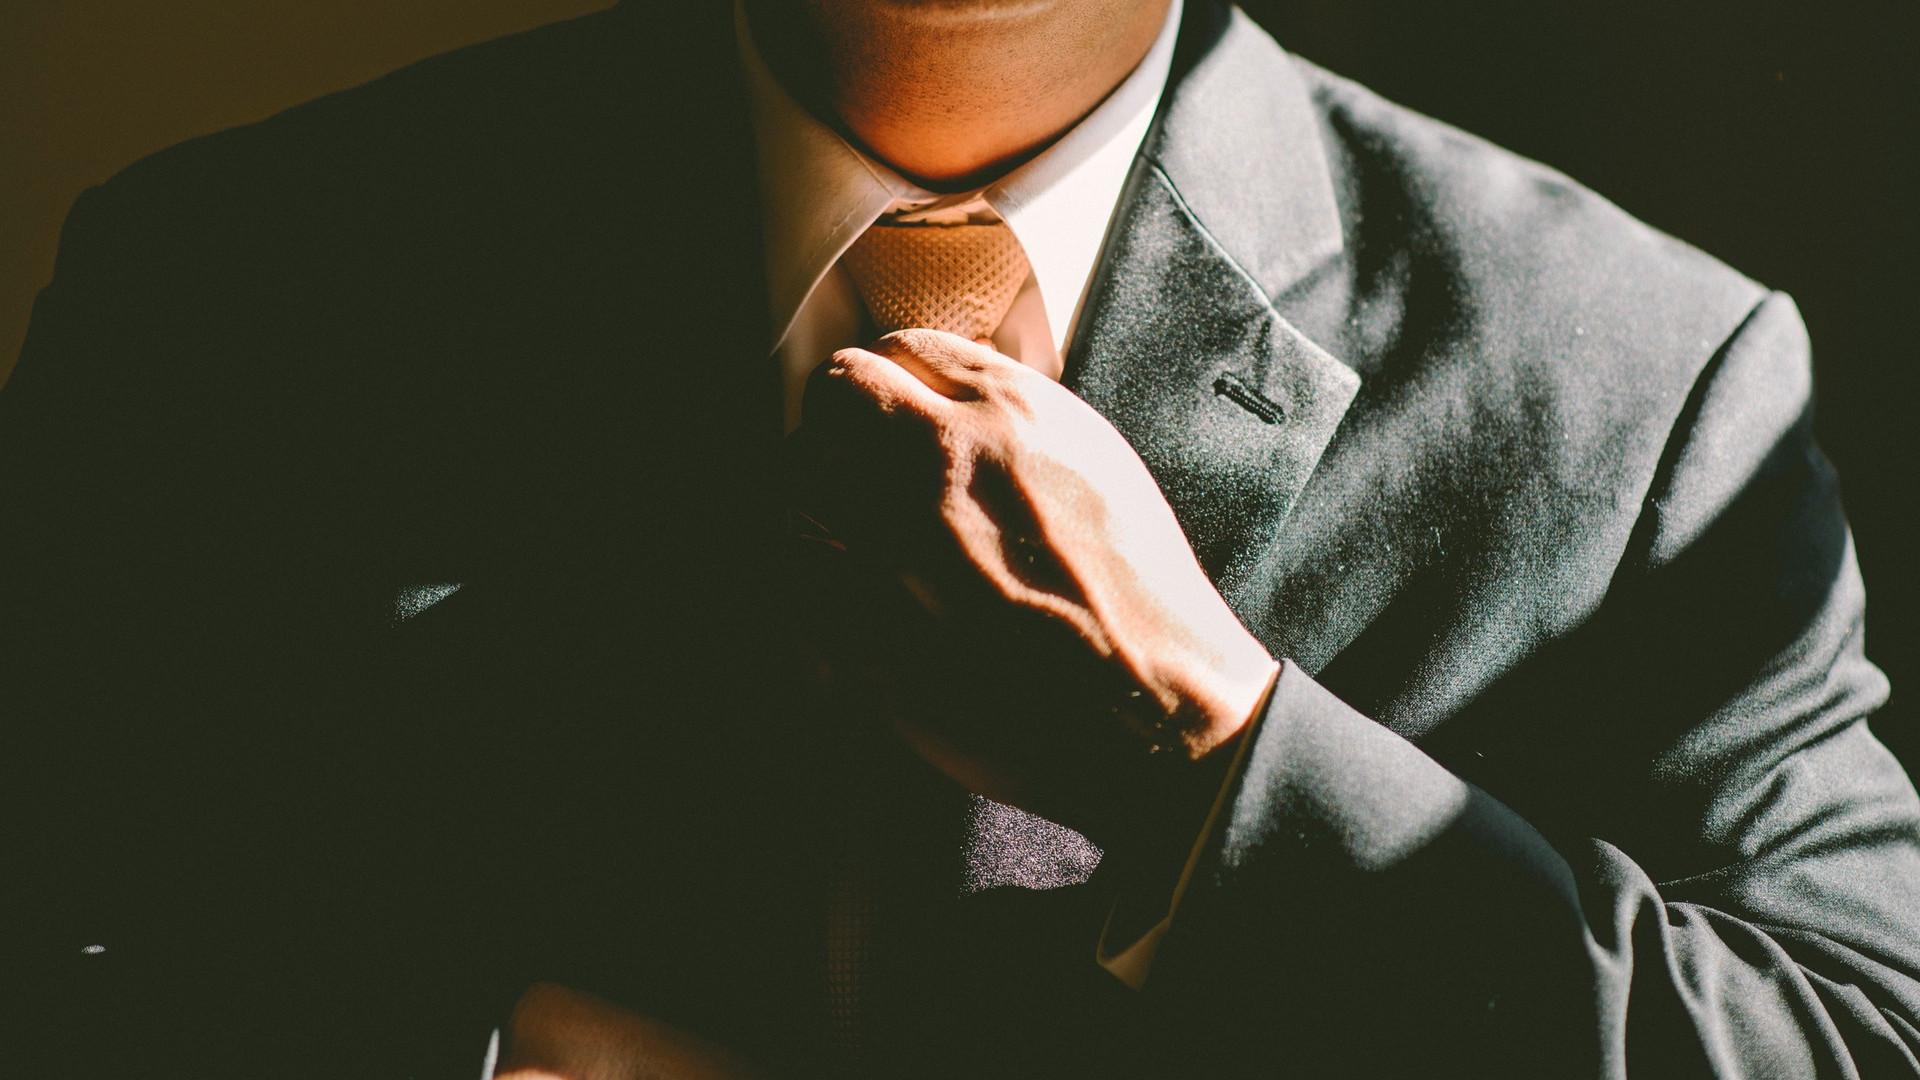 Conseil mode : une chemise et quatre looks d'acteurs pour vous inspirer